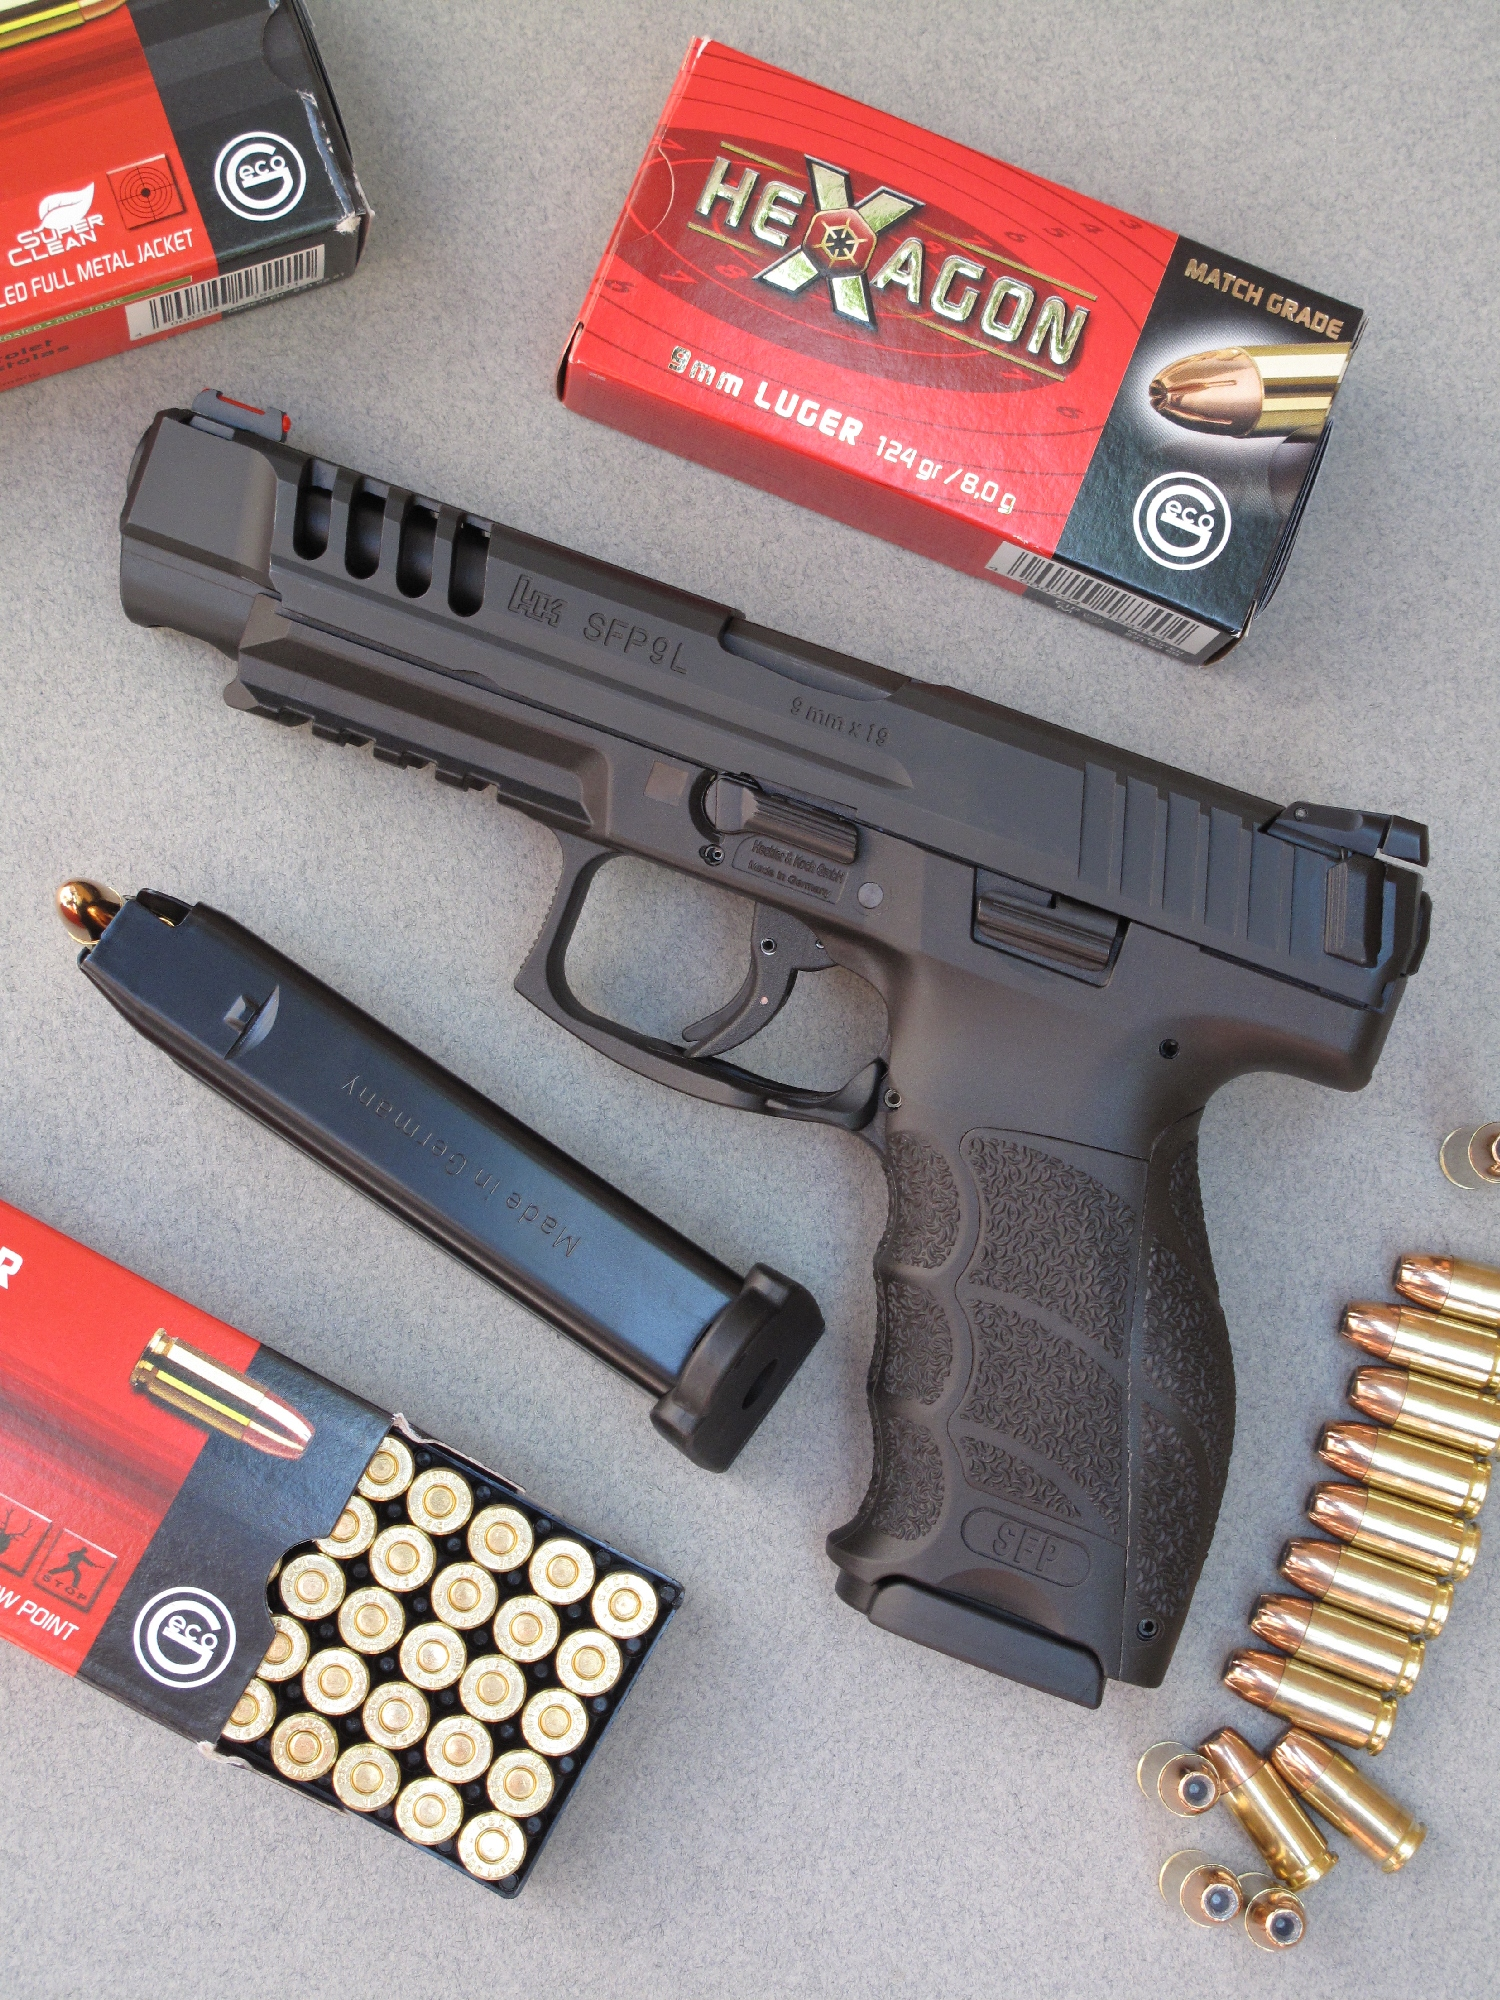 Le pistolet HK SFP9L est accompagné ici par différents types de munitions encartouchées par la firme allemande Geco : SX « Super Clean » à balle blindée 124 grains ; Hexagon « Match Grade » à balle expansive 124 grains ; Hollow Point à balle expansive 115 grains.